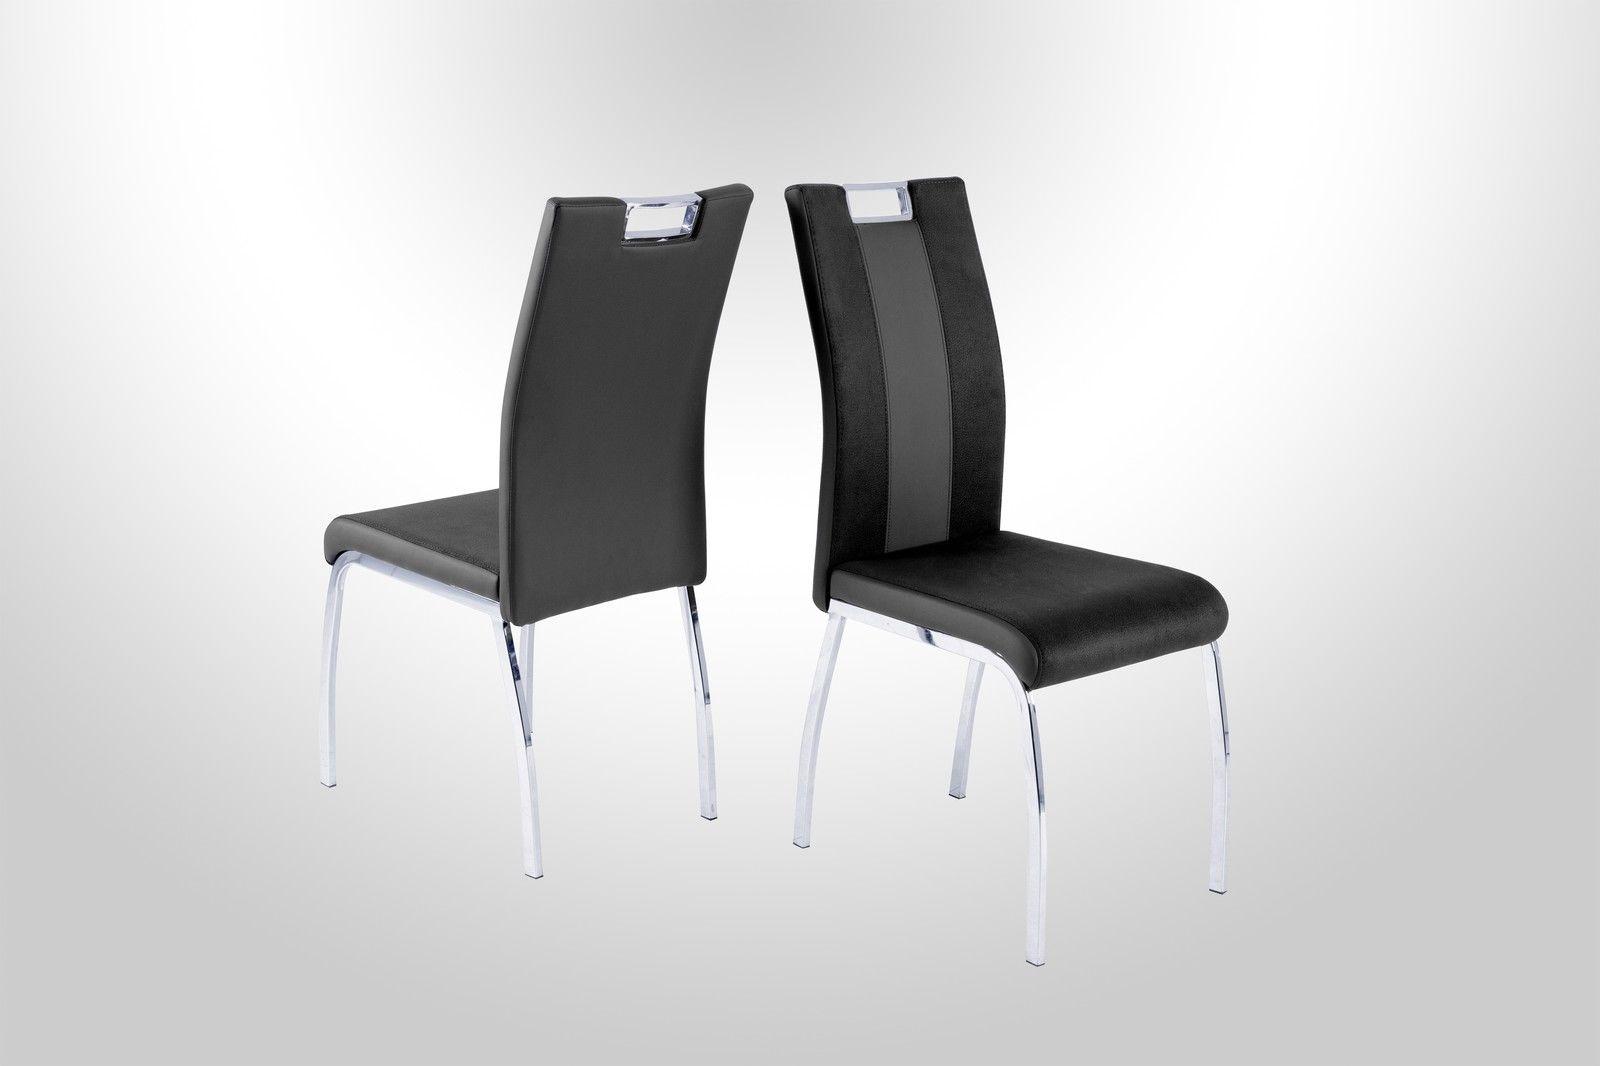 Amüsant Stühle Modern Ideen Von 4 X Stühle Schwarz Grau Kufe Chrom